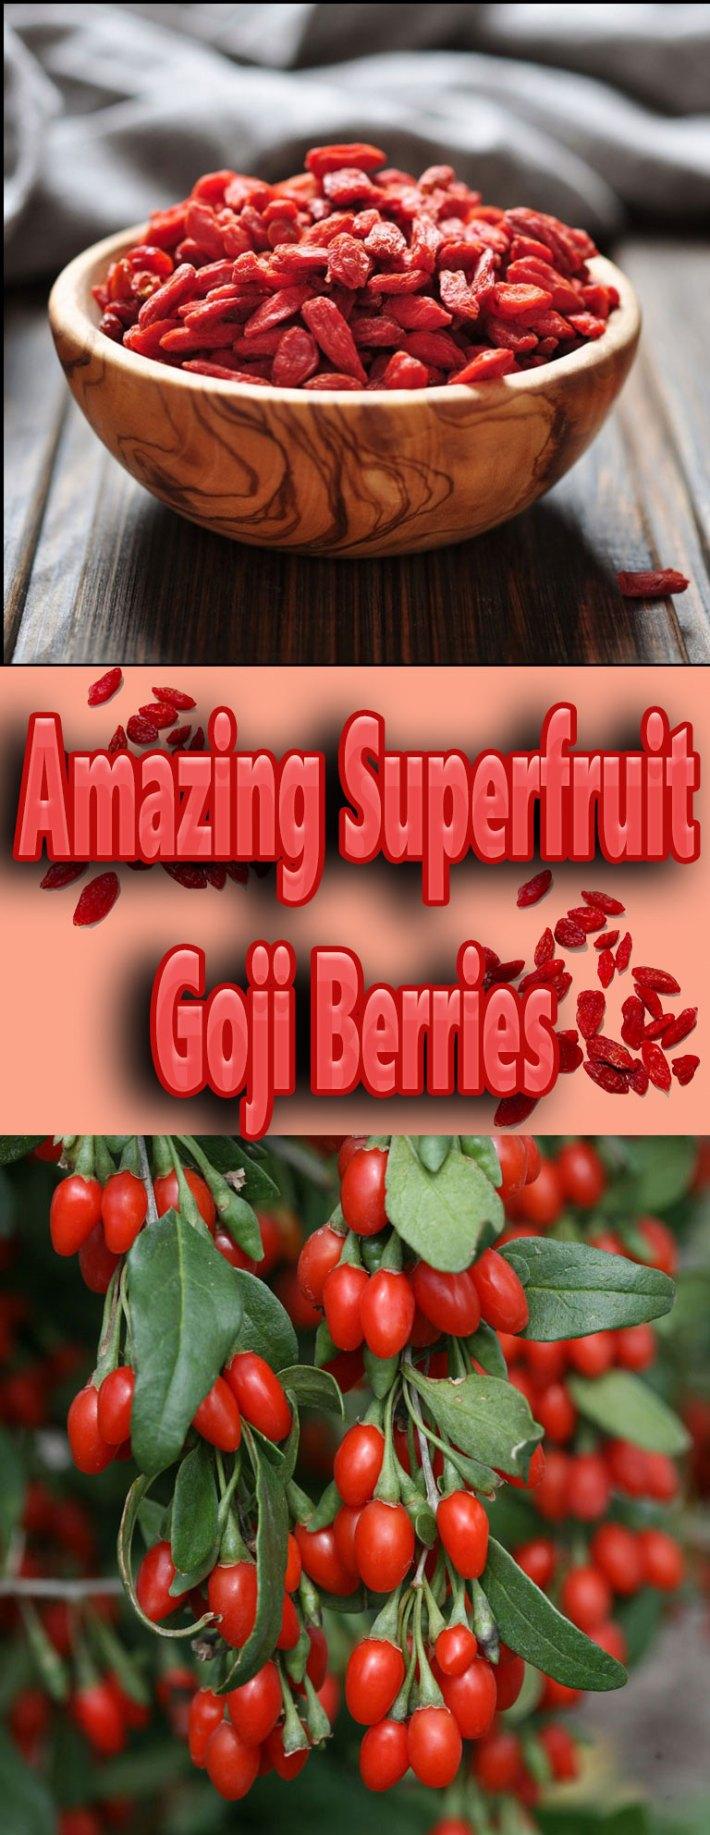 Amazing Superfruit – Goji Berries